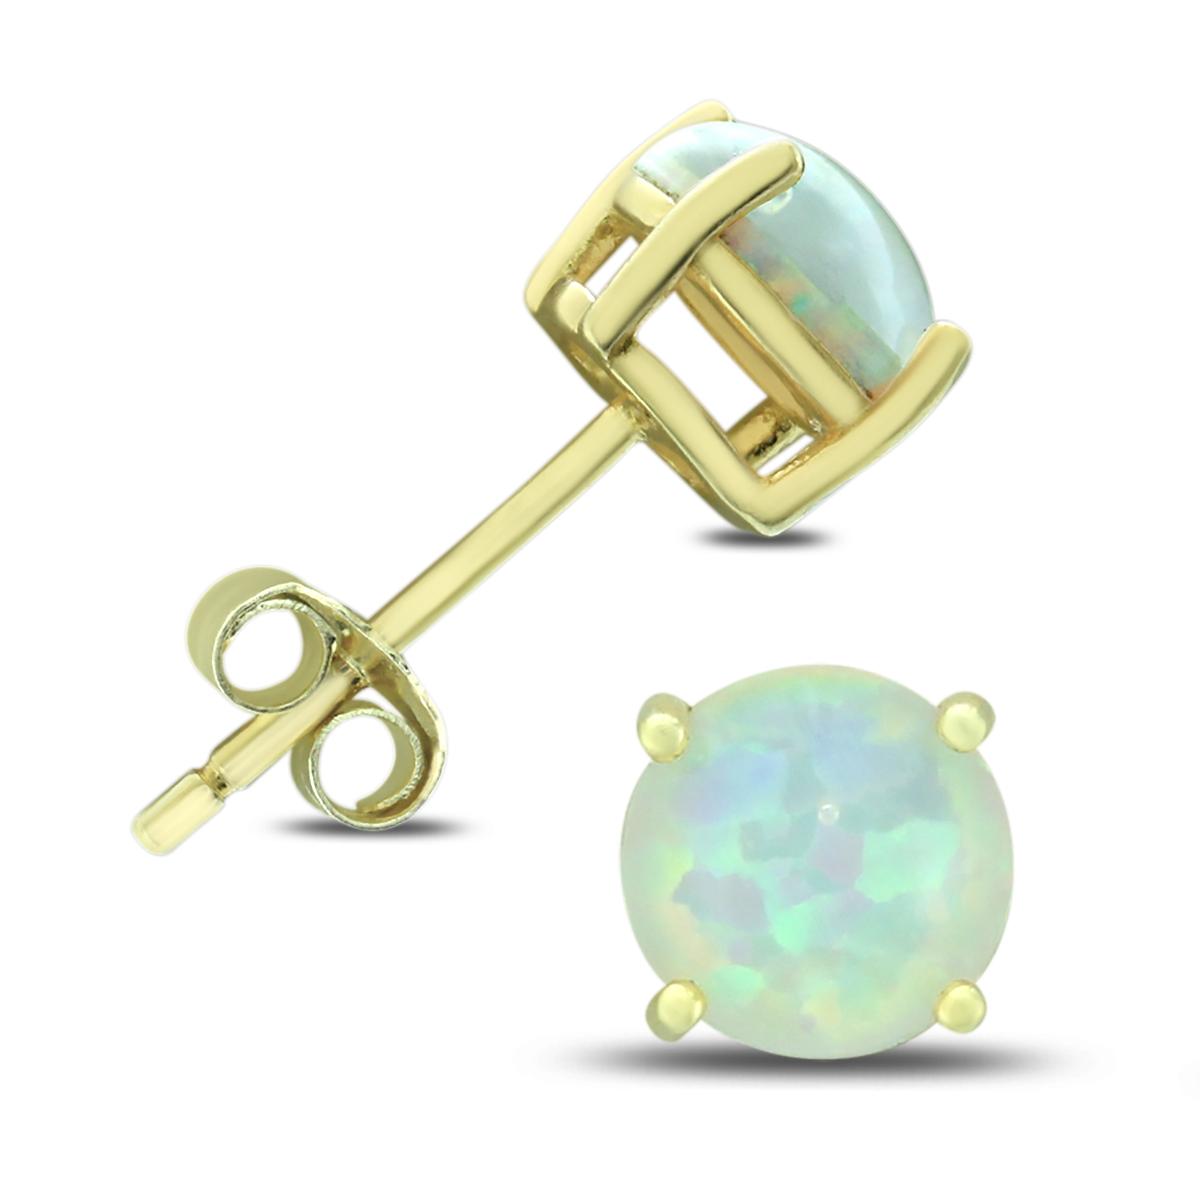 6MM Created Opal Stud Earrings in .925